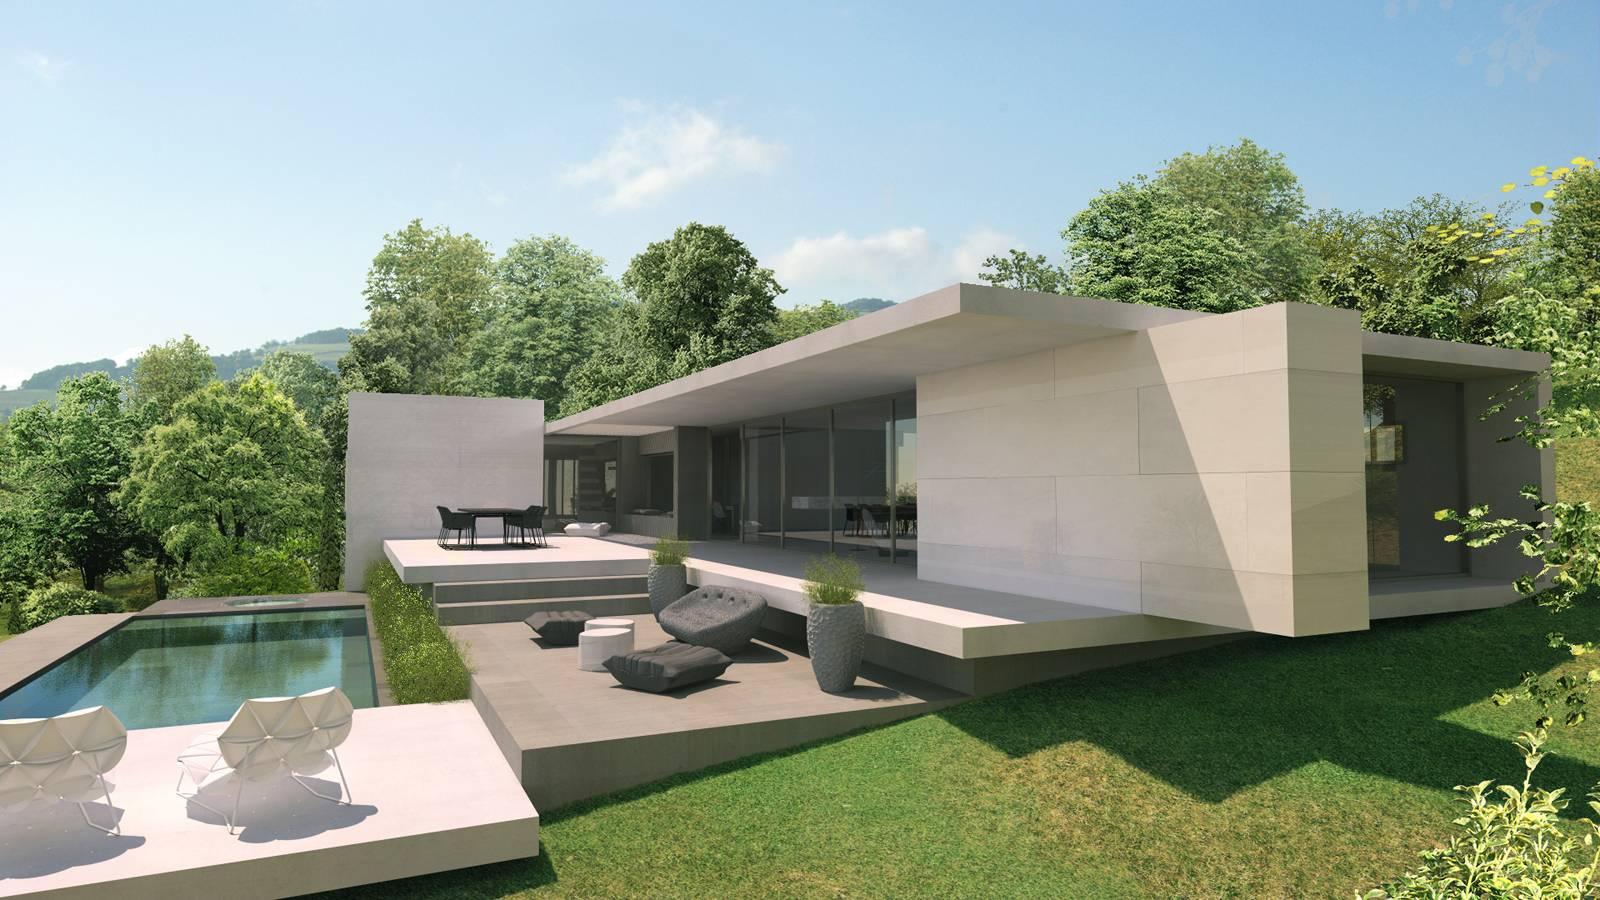 Maison d 39 architecte moderne g pr s de lyon architecte for Maison moderne 31